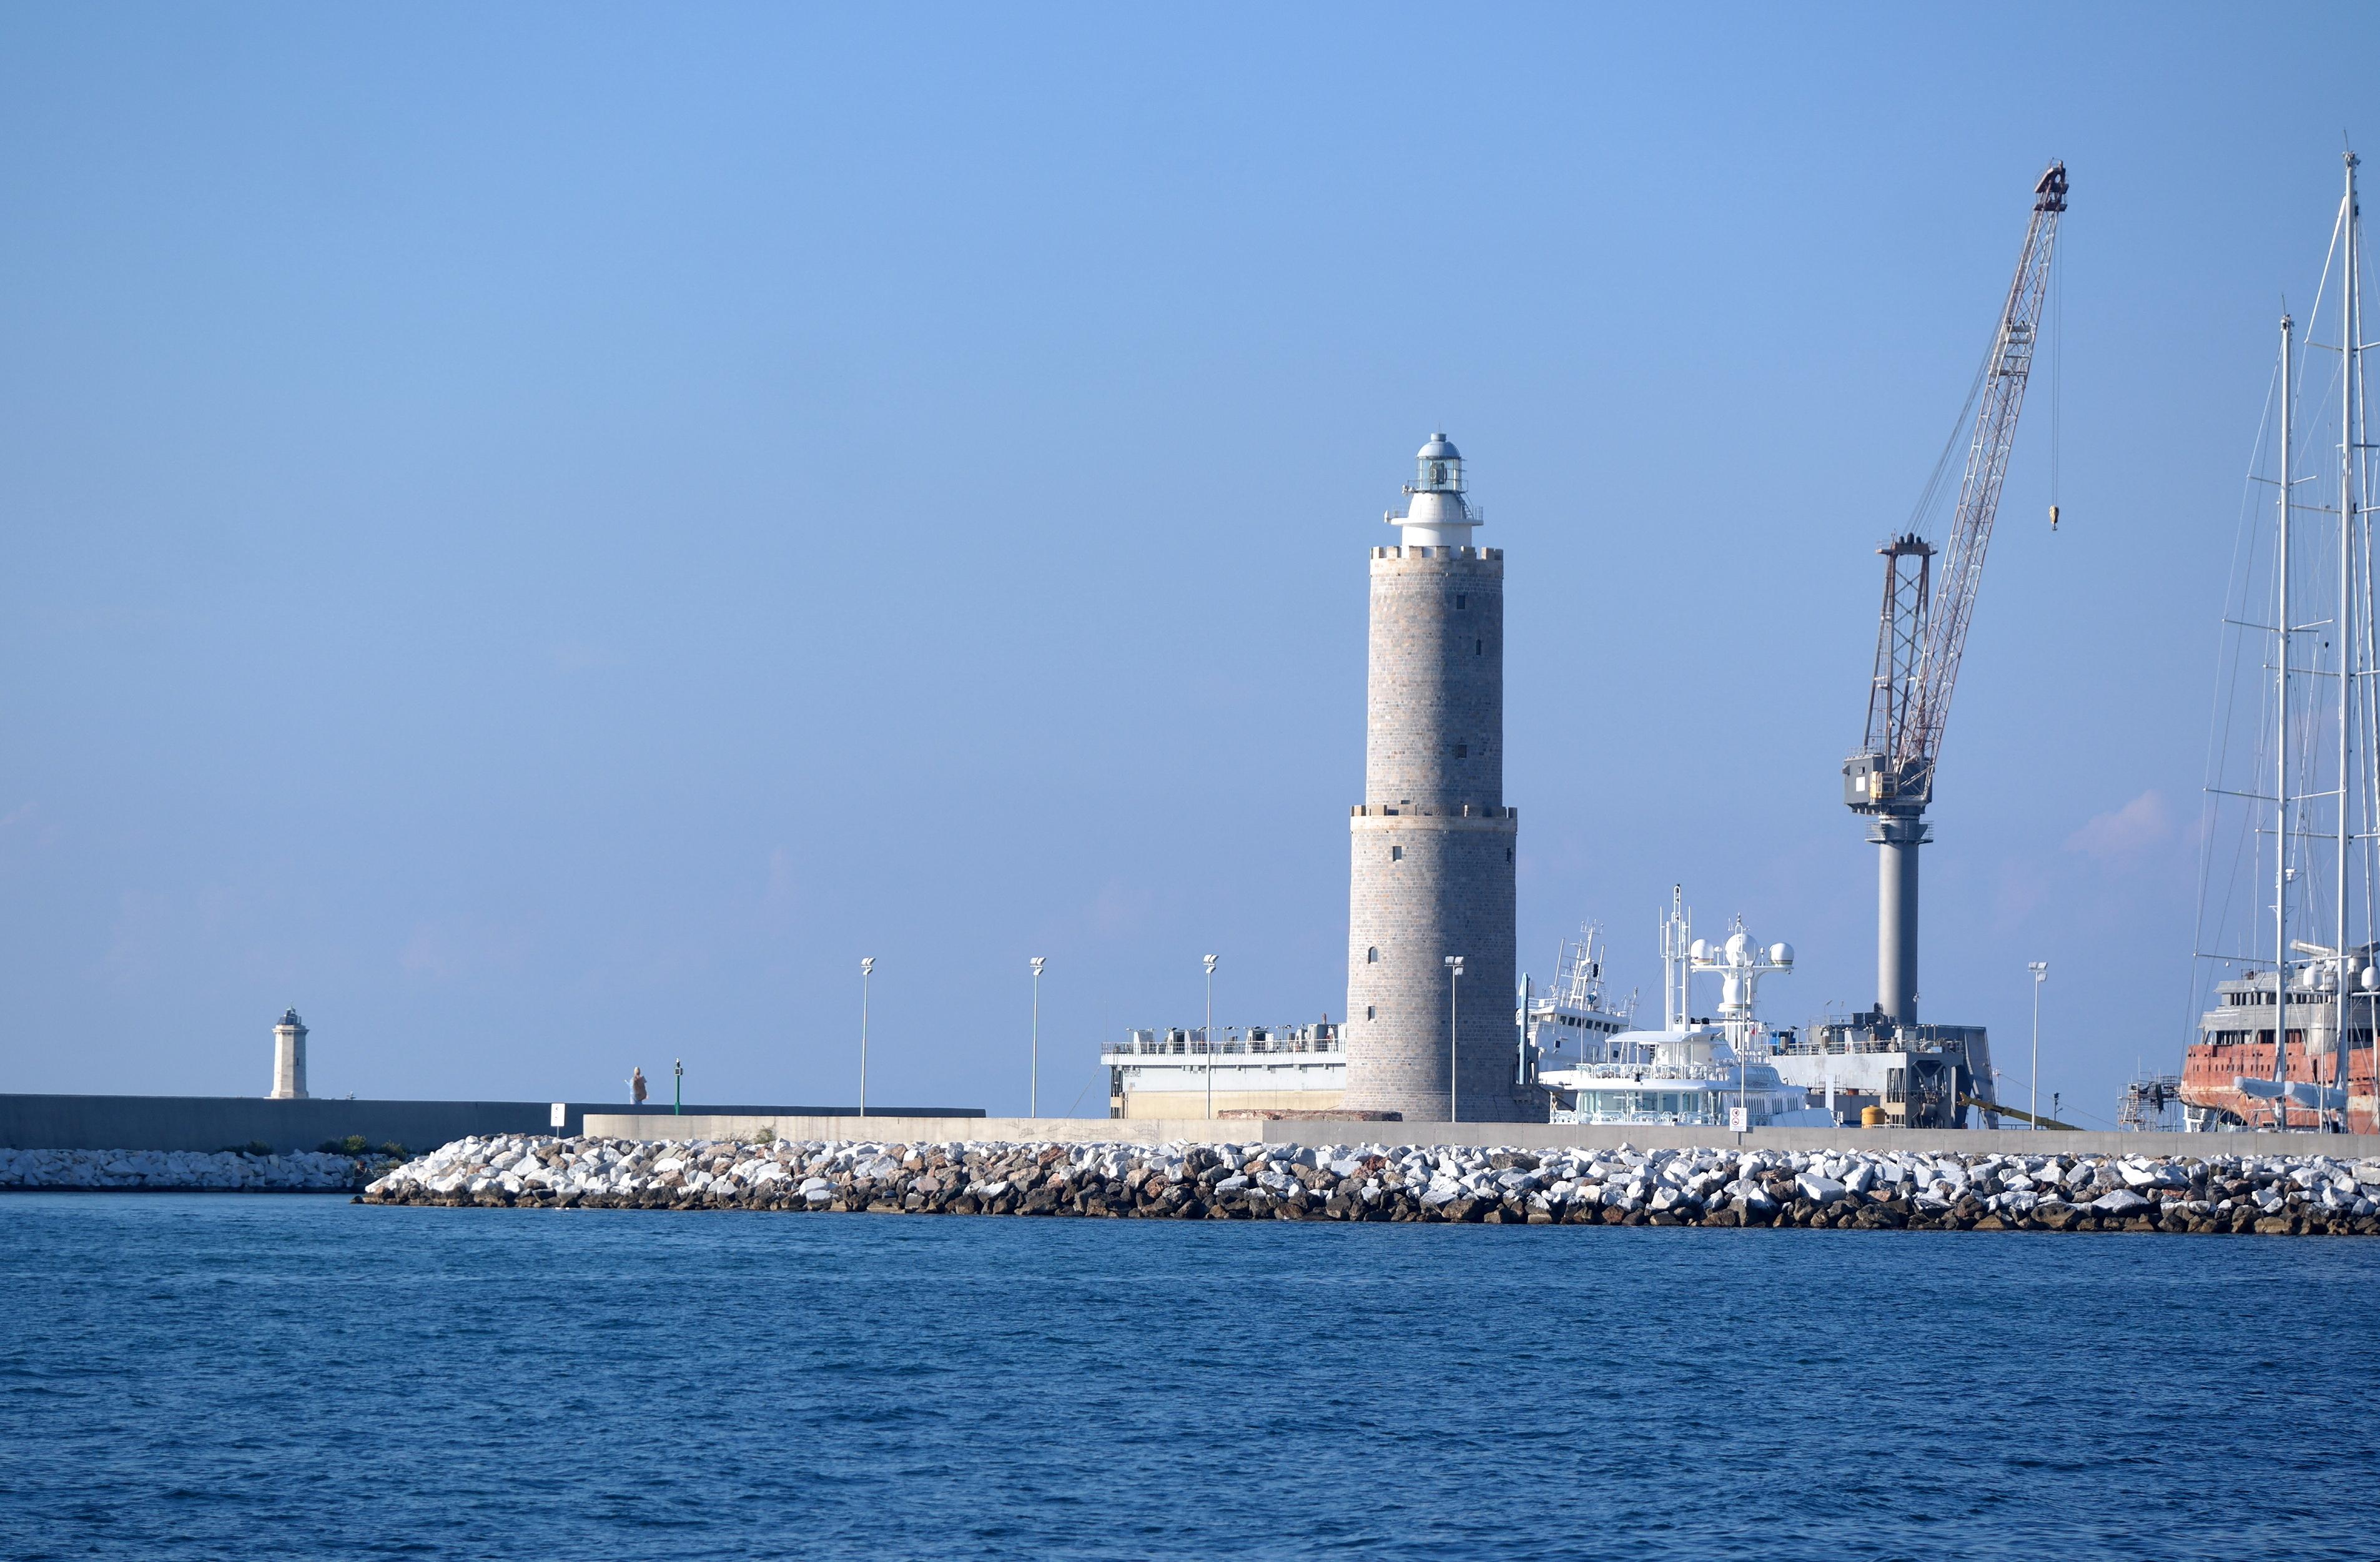 Porto di Livorno, dall'Authority 468 mln di investimenti previsti nel 2021